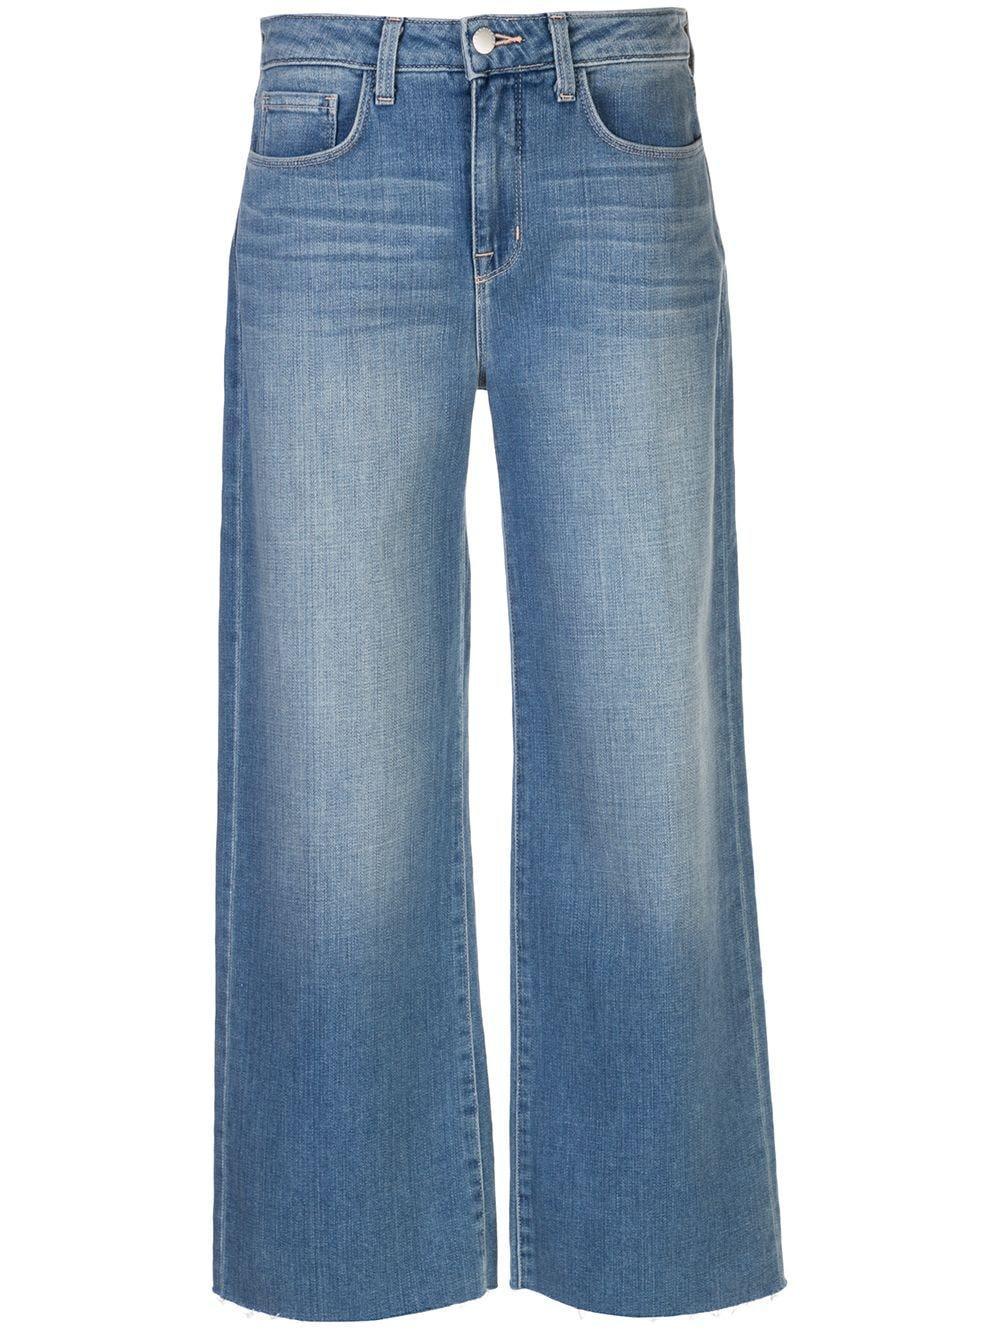 Danica High Rise Wide Leg Item # 2492RDMR-SP20